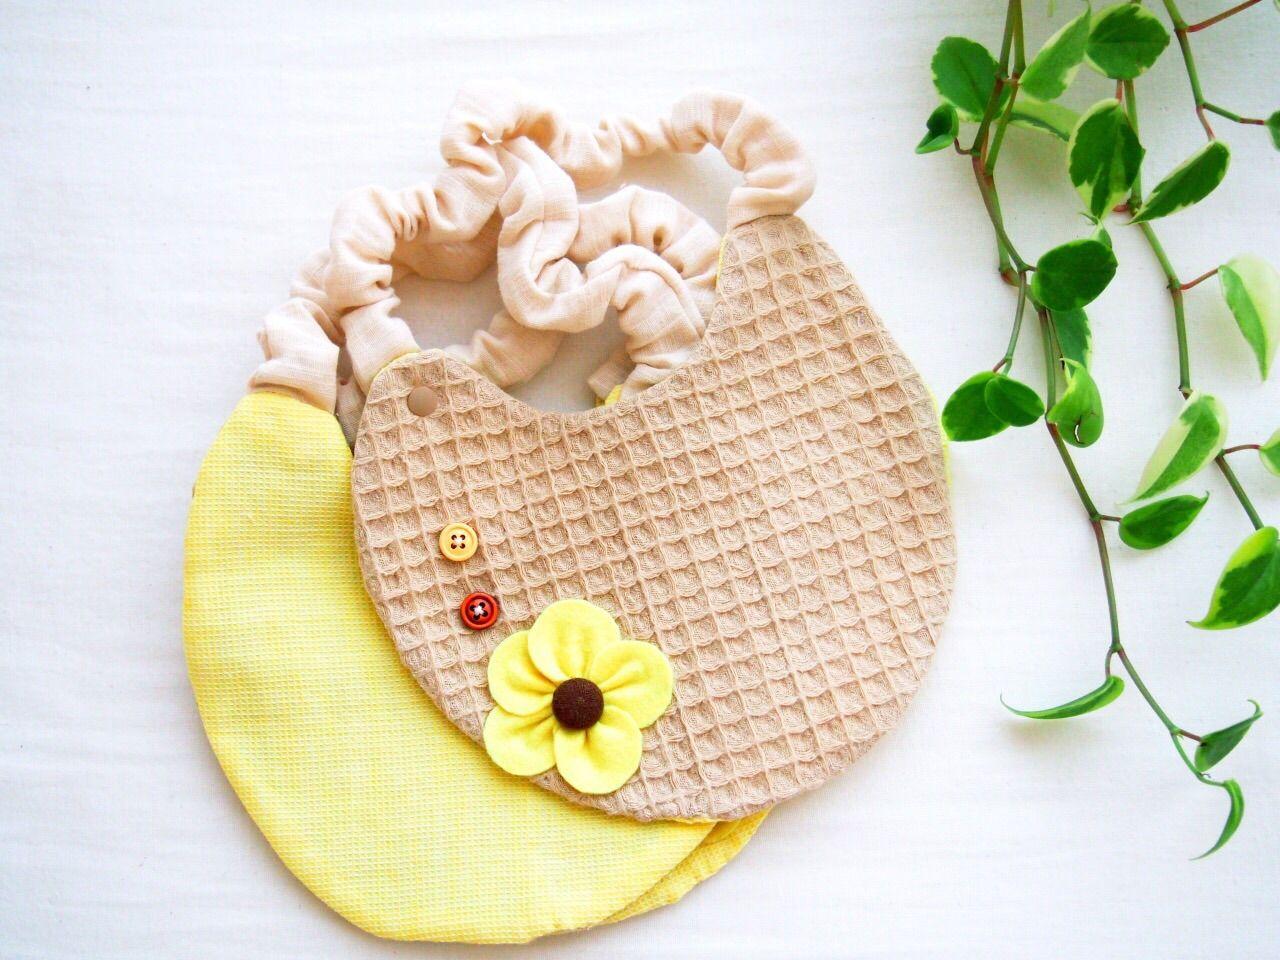 黄色いお花スタイ よだれかけ やわらかガーゼ仕上げ